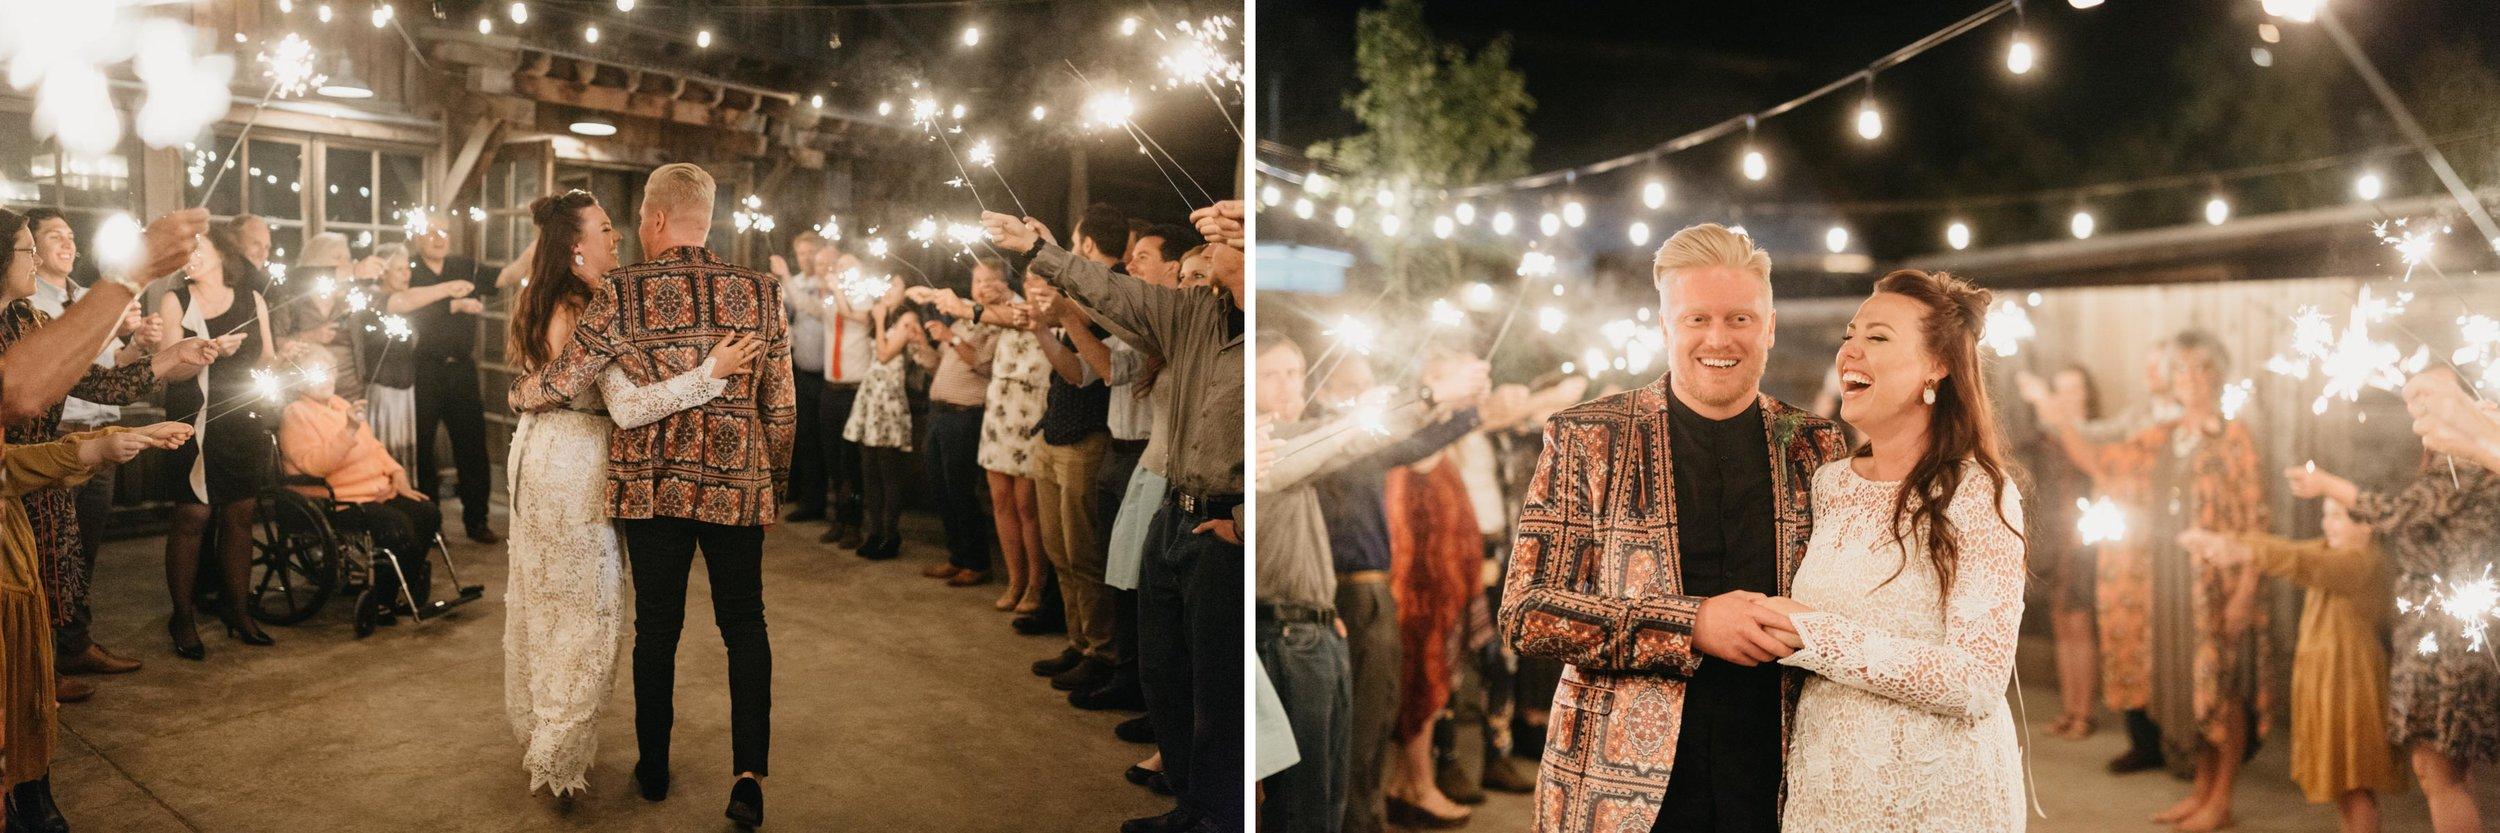 Sundance-Wedding-Photographer-030.jpg